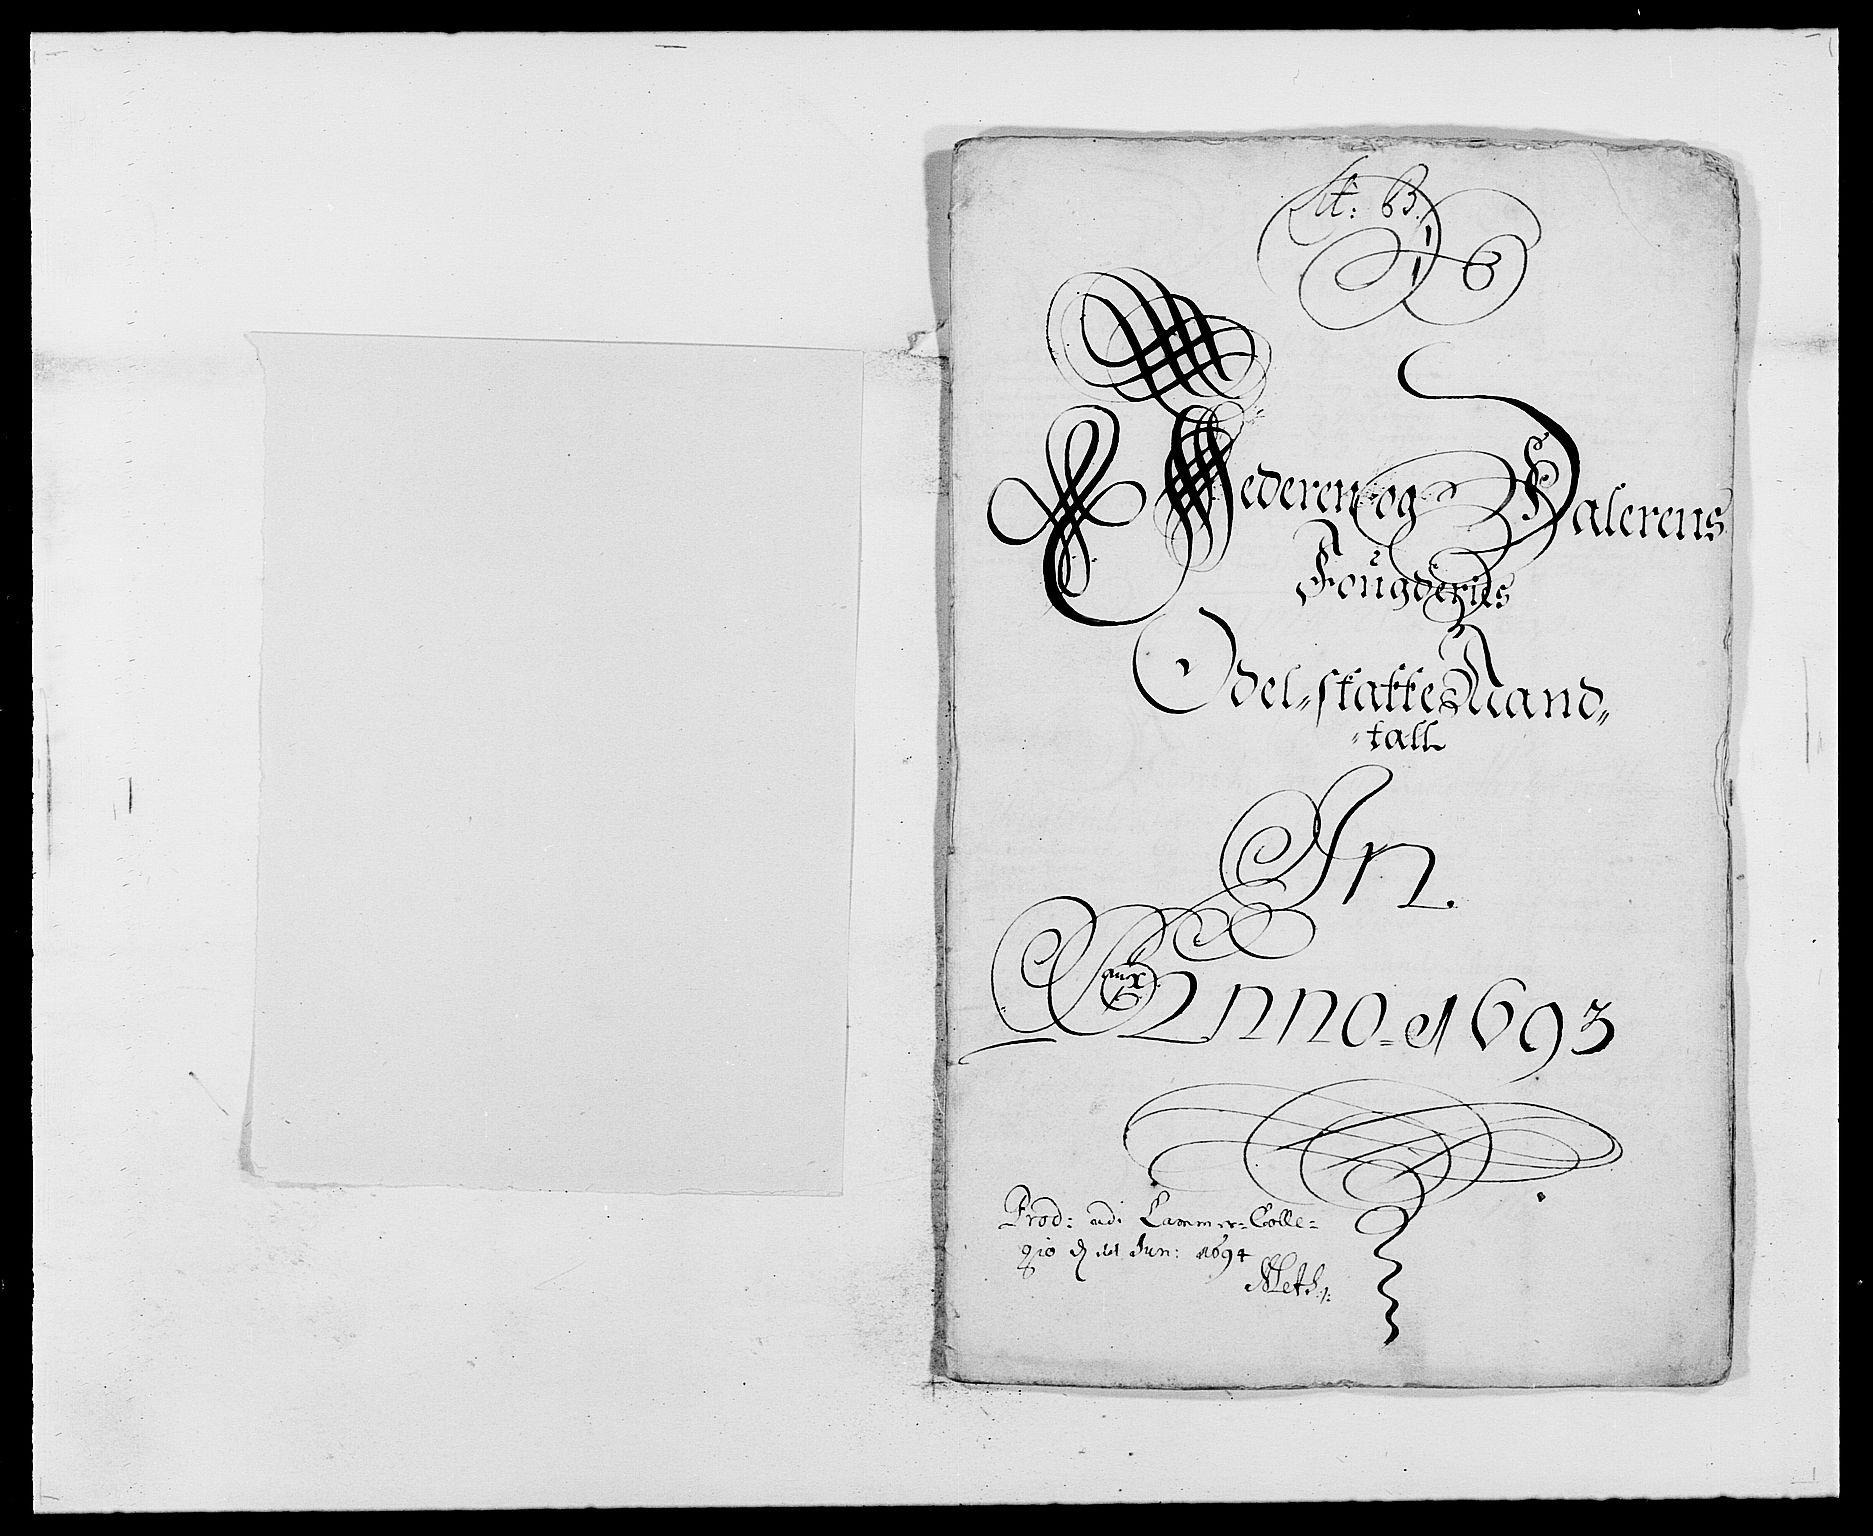 RA, Rentekammeret inntil 1814, Reviderte regnskaper, Fogderegnskap, R46/L2727: Fogderegnskap Jæren og Dalane, 1690-1693, s. 243